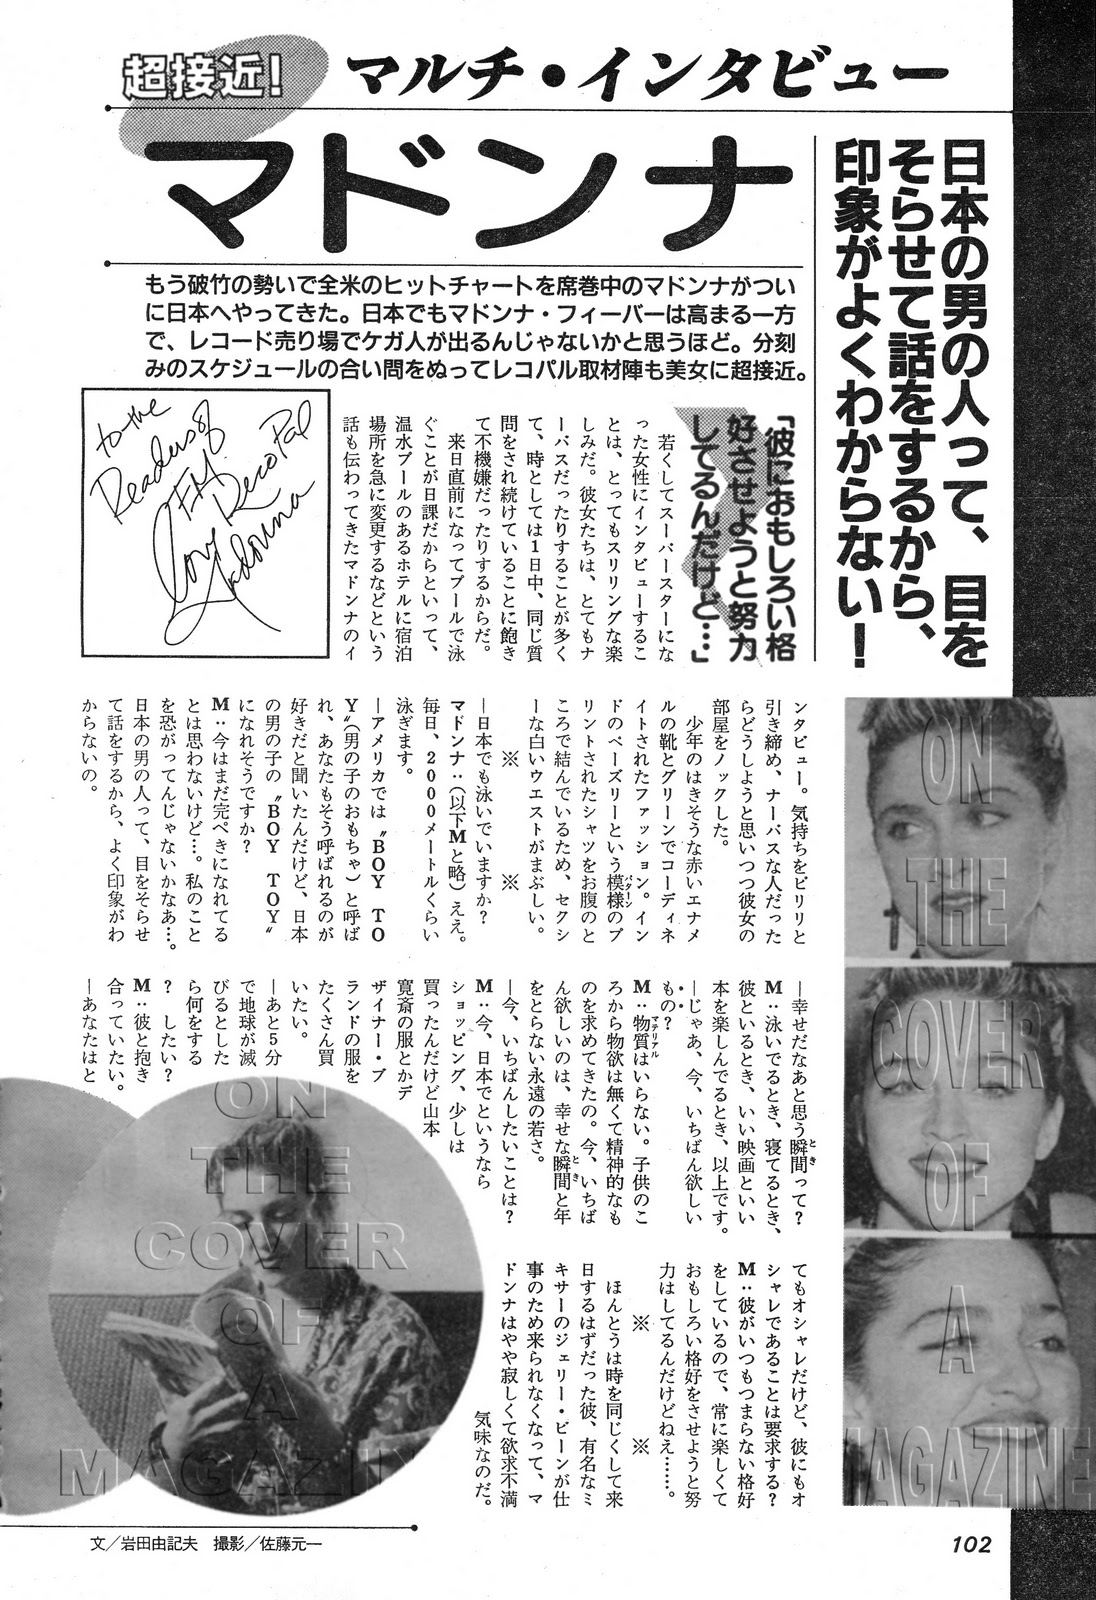 http://2.bp.blogspot.com/_eA7ZafYKvfU/TP6_kbogfyI/AAAAAAAAEWY/sy2MN5yX2Vg/s1600/FM+Recopal+Japan+February+11-24+1985+page+102+copy.jpg